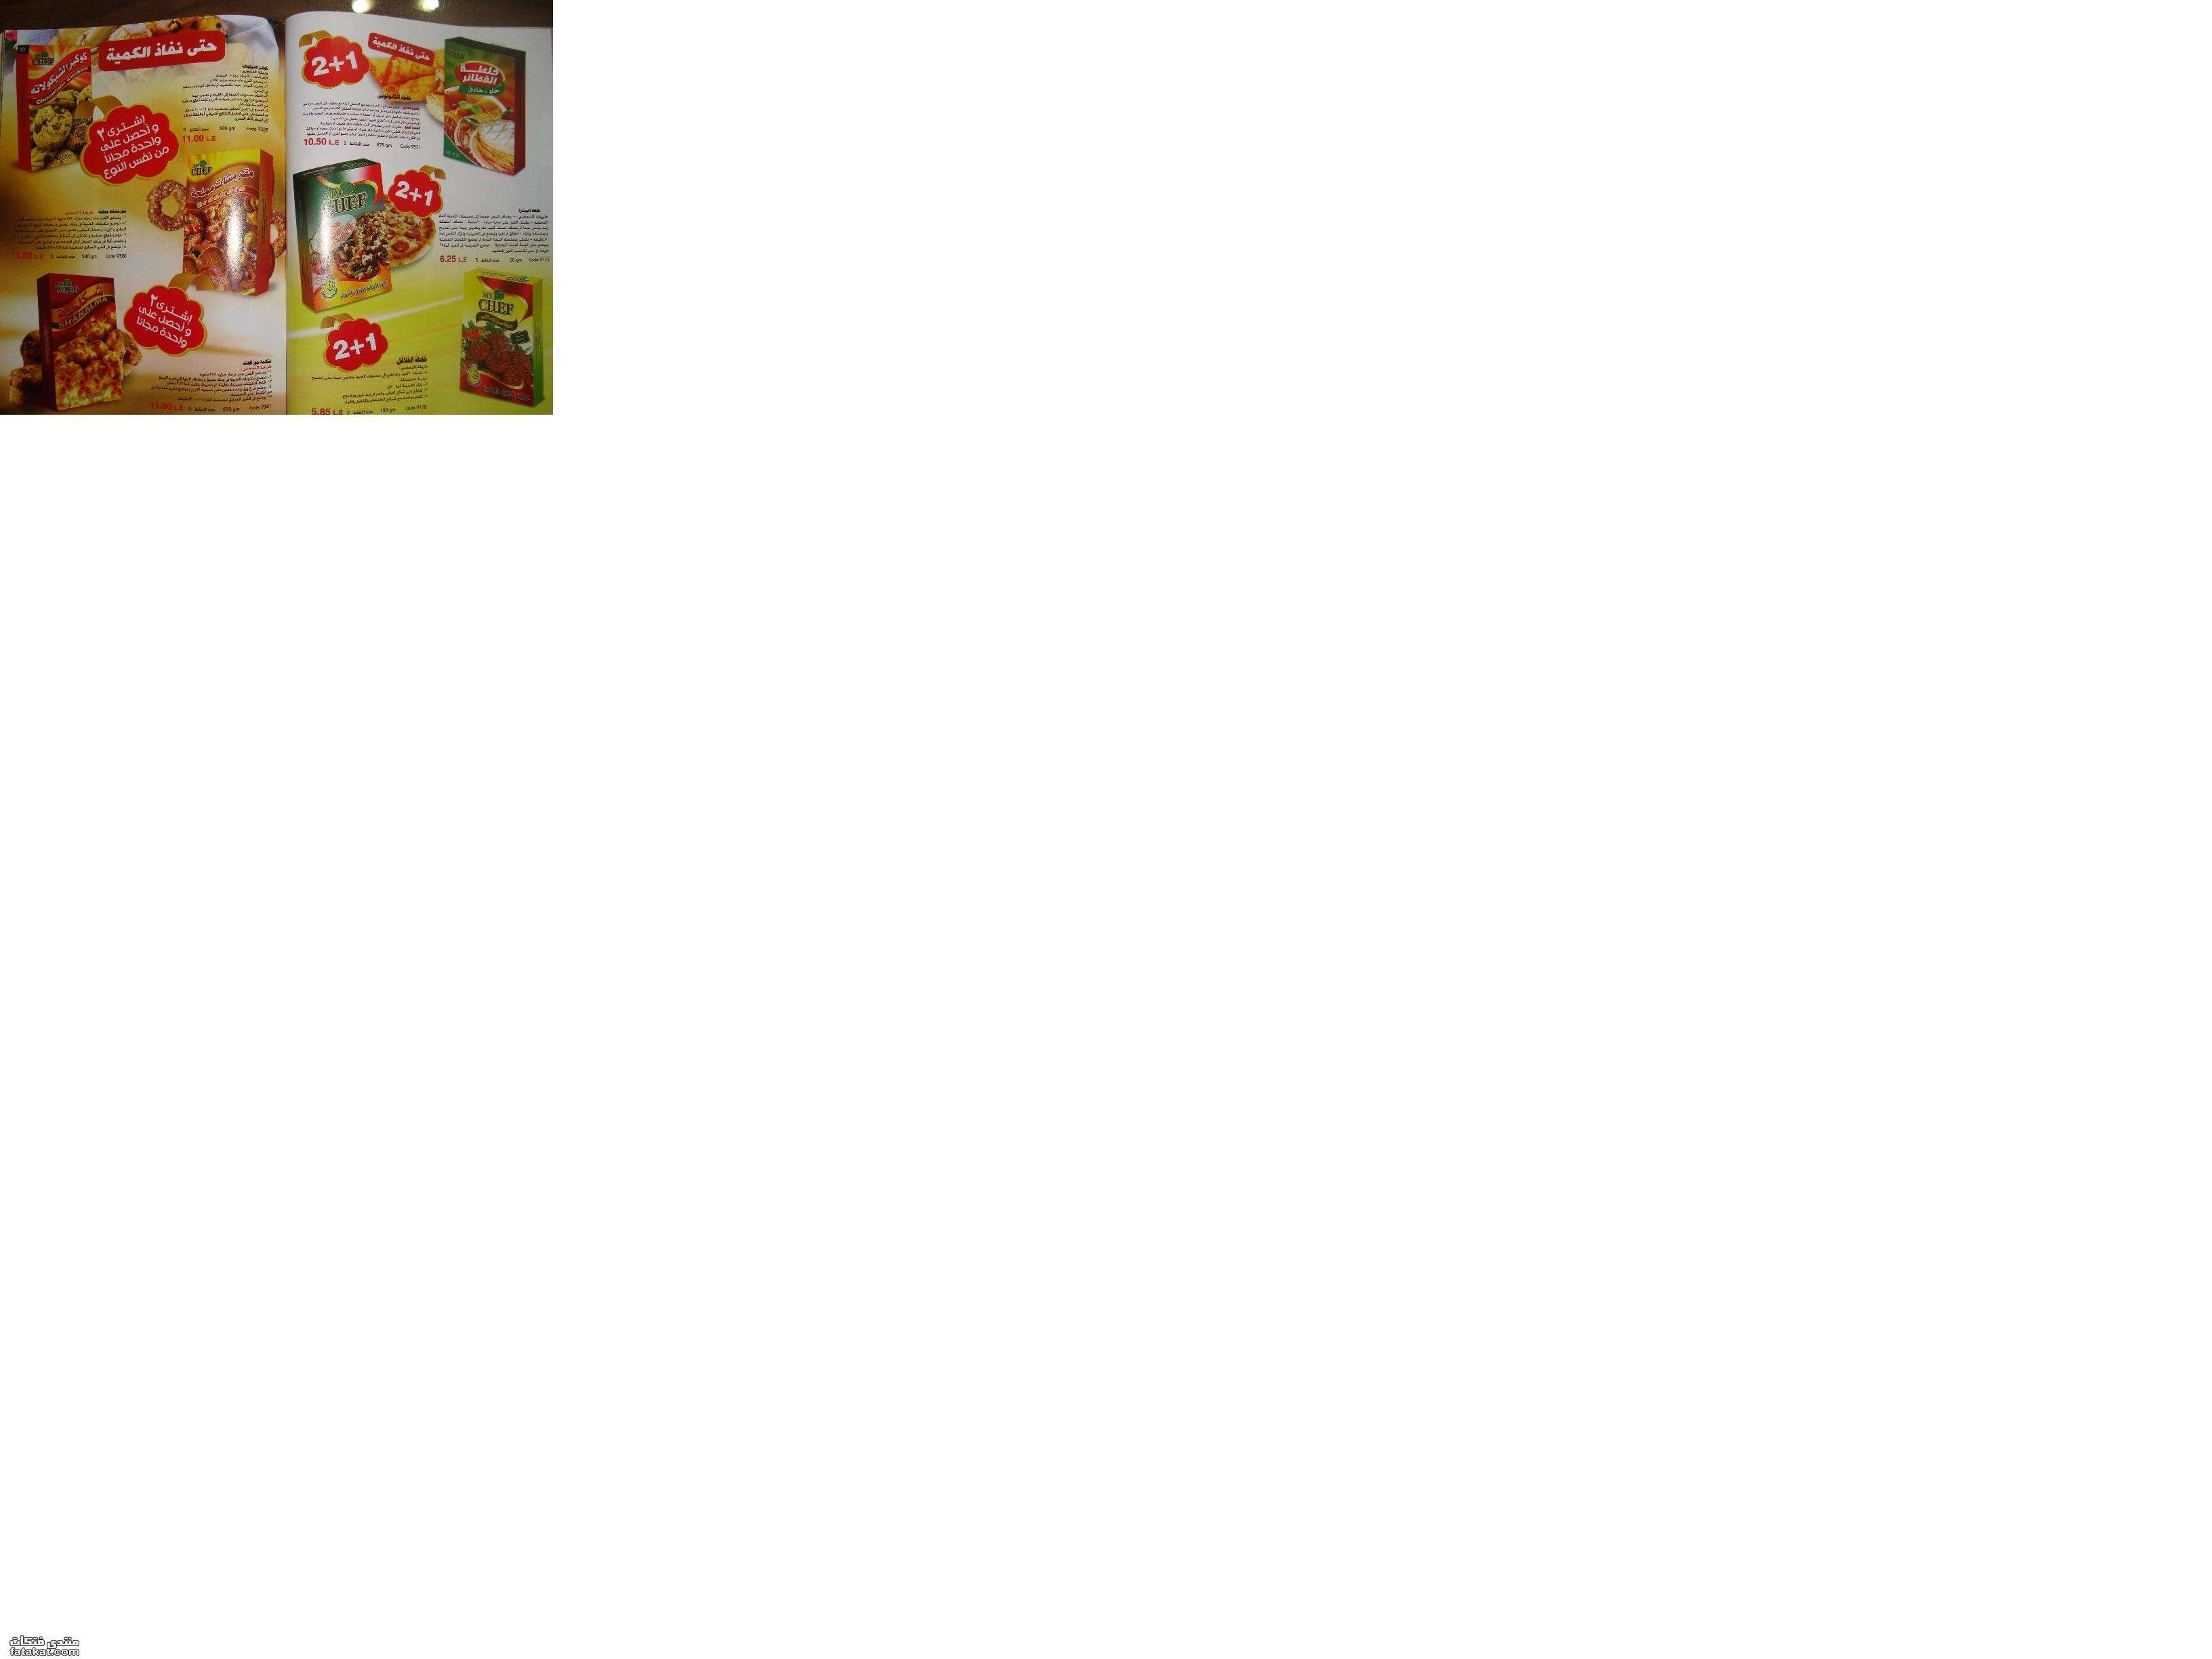 كتالوج ماي واي يناير 2010 و باسعار اقل من الكتالوج 1262603613